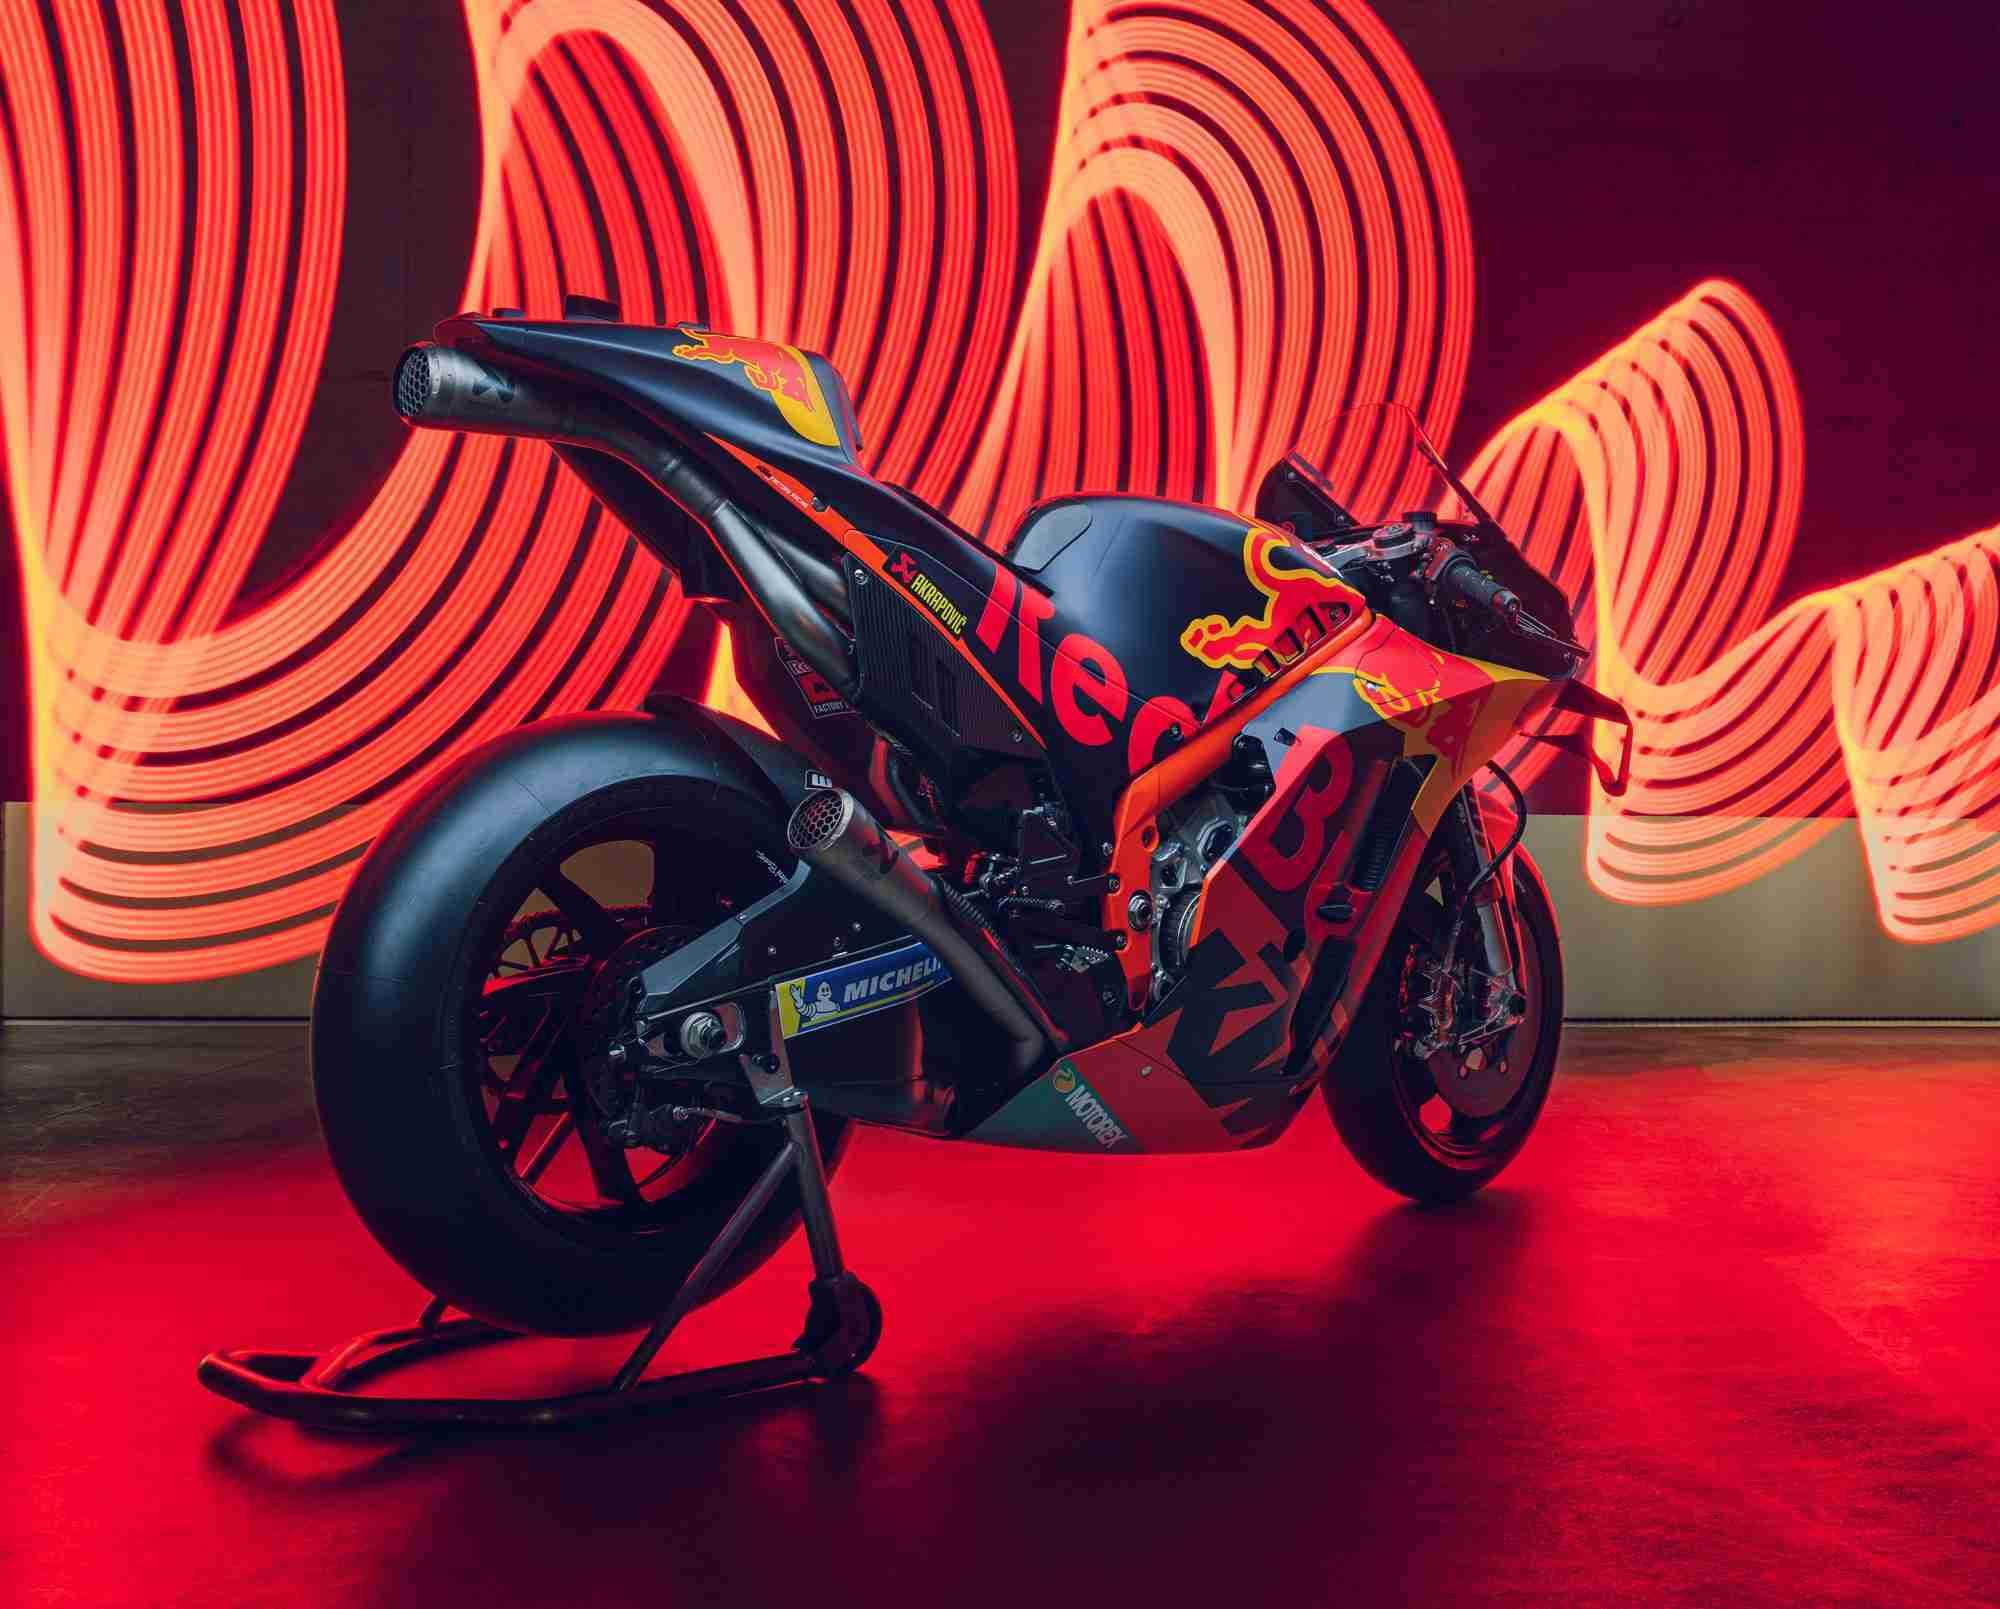 2020 Ktm Rc16 Motogp Iamabiker Everything Motorcycle